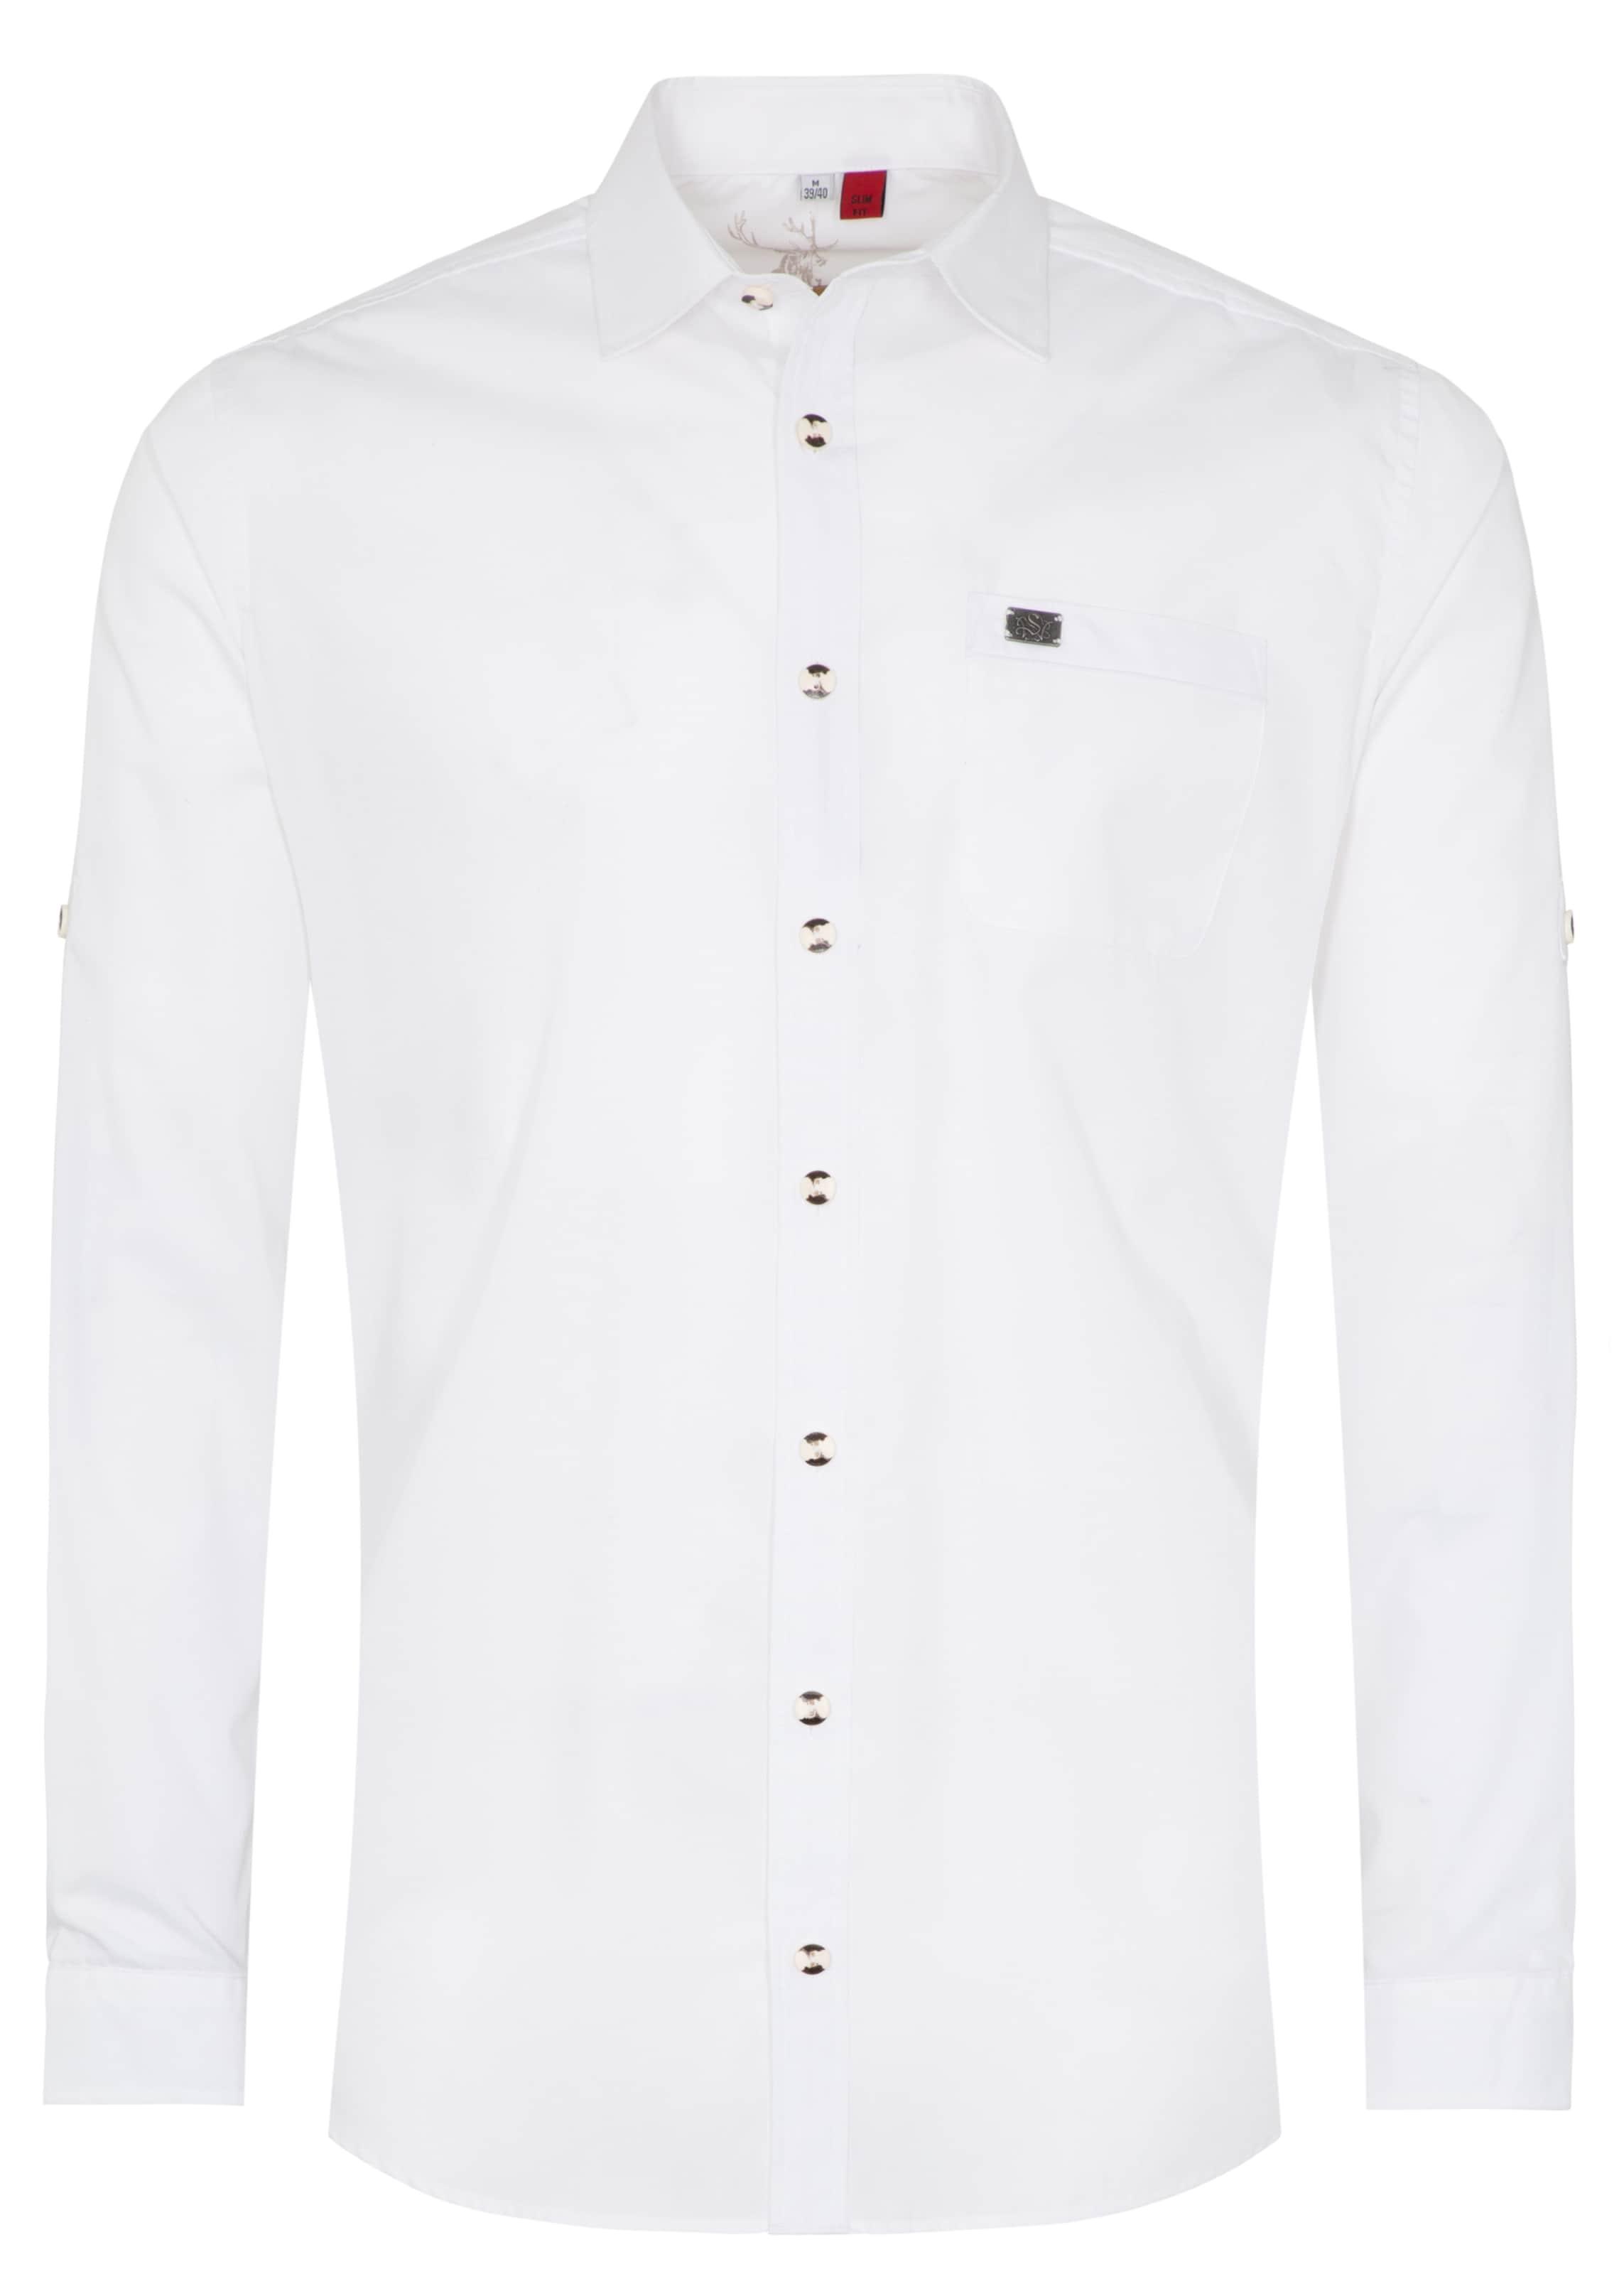 Herren SPIETH & WENSKY Trachtenhemd 'Kalmus' weiß | 04059829559639